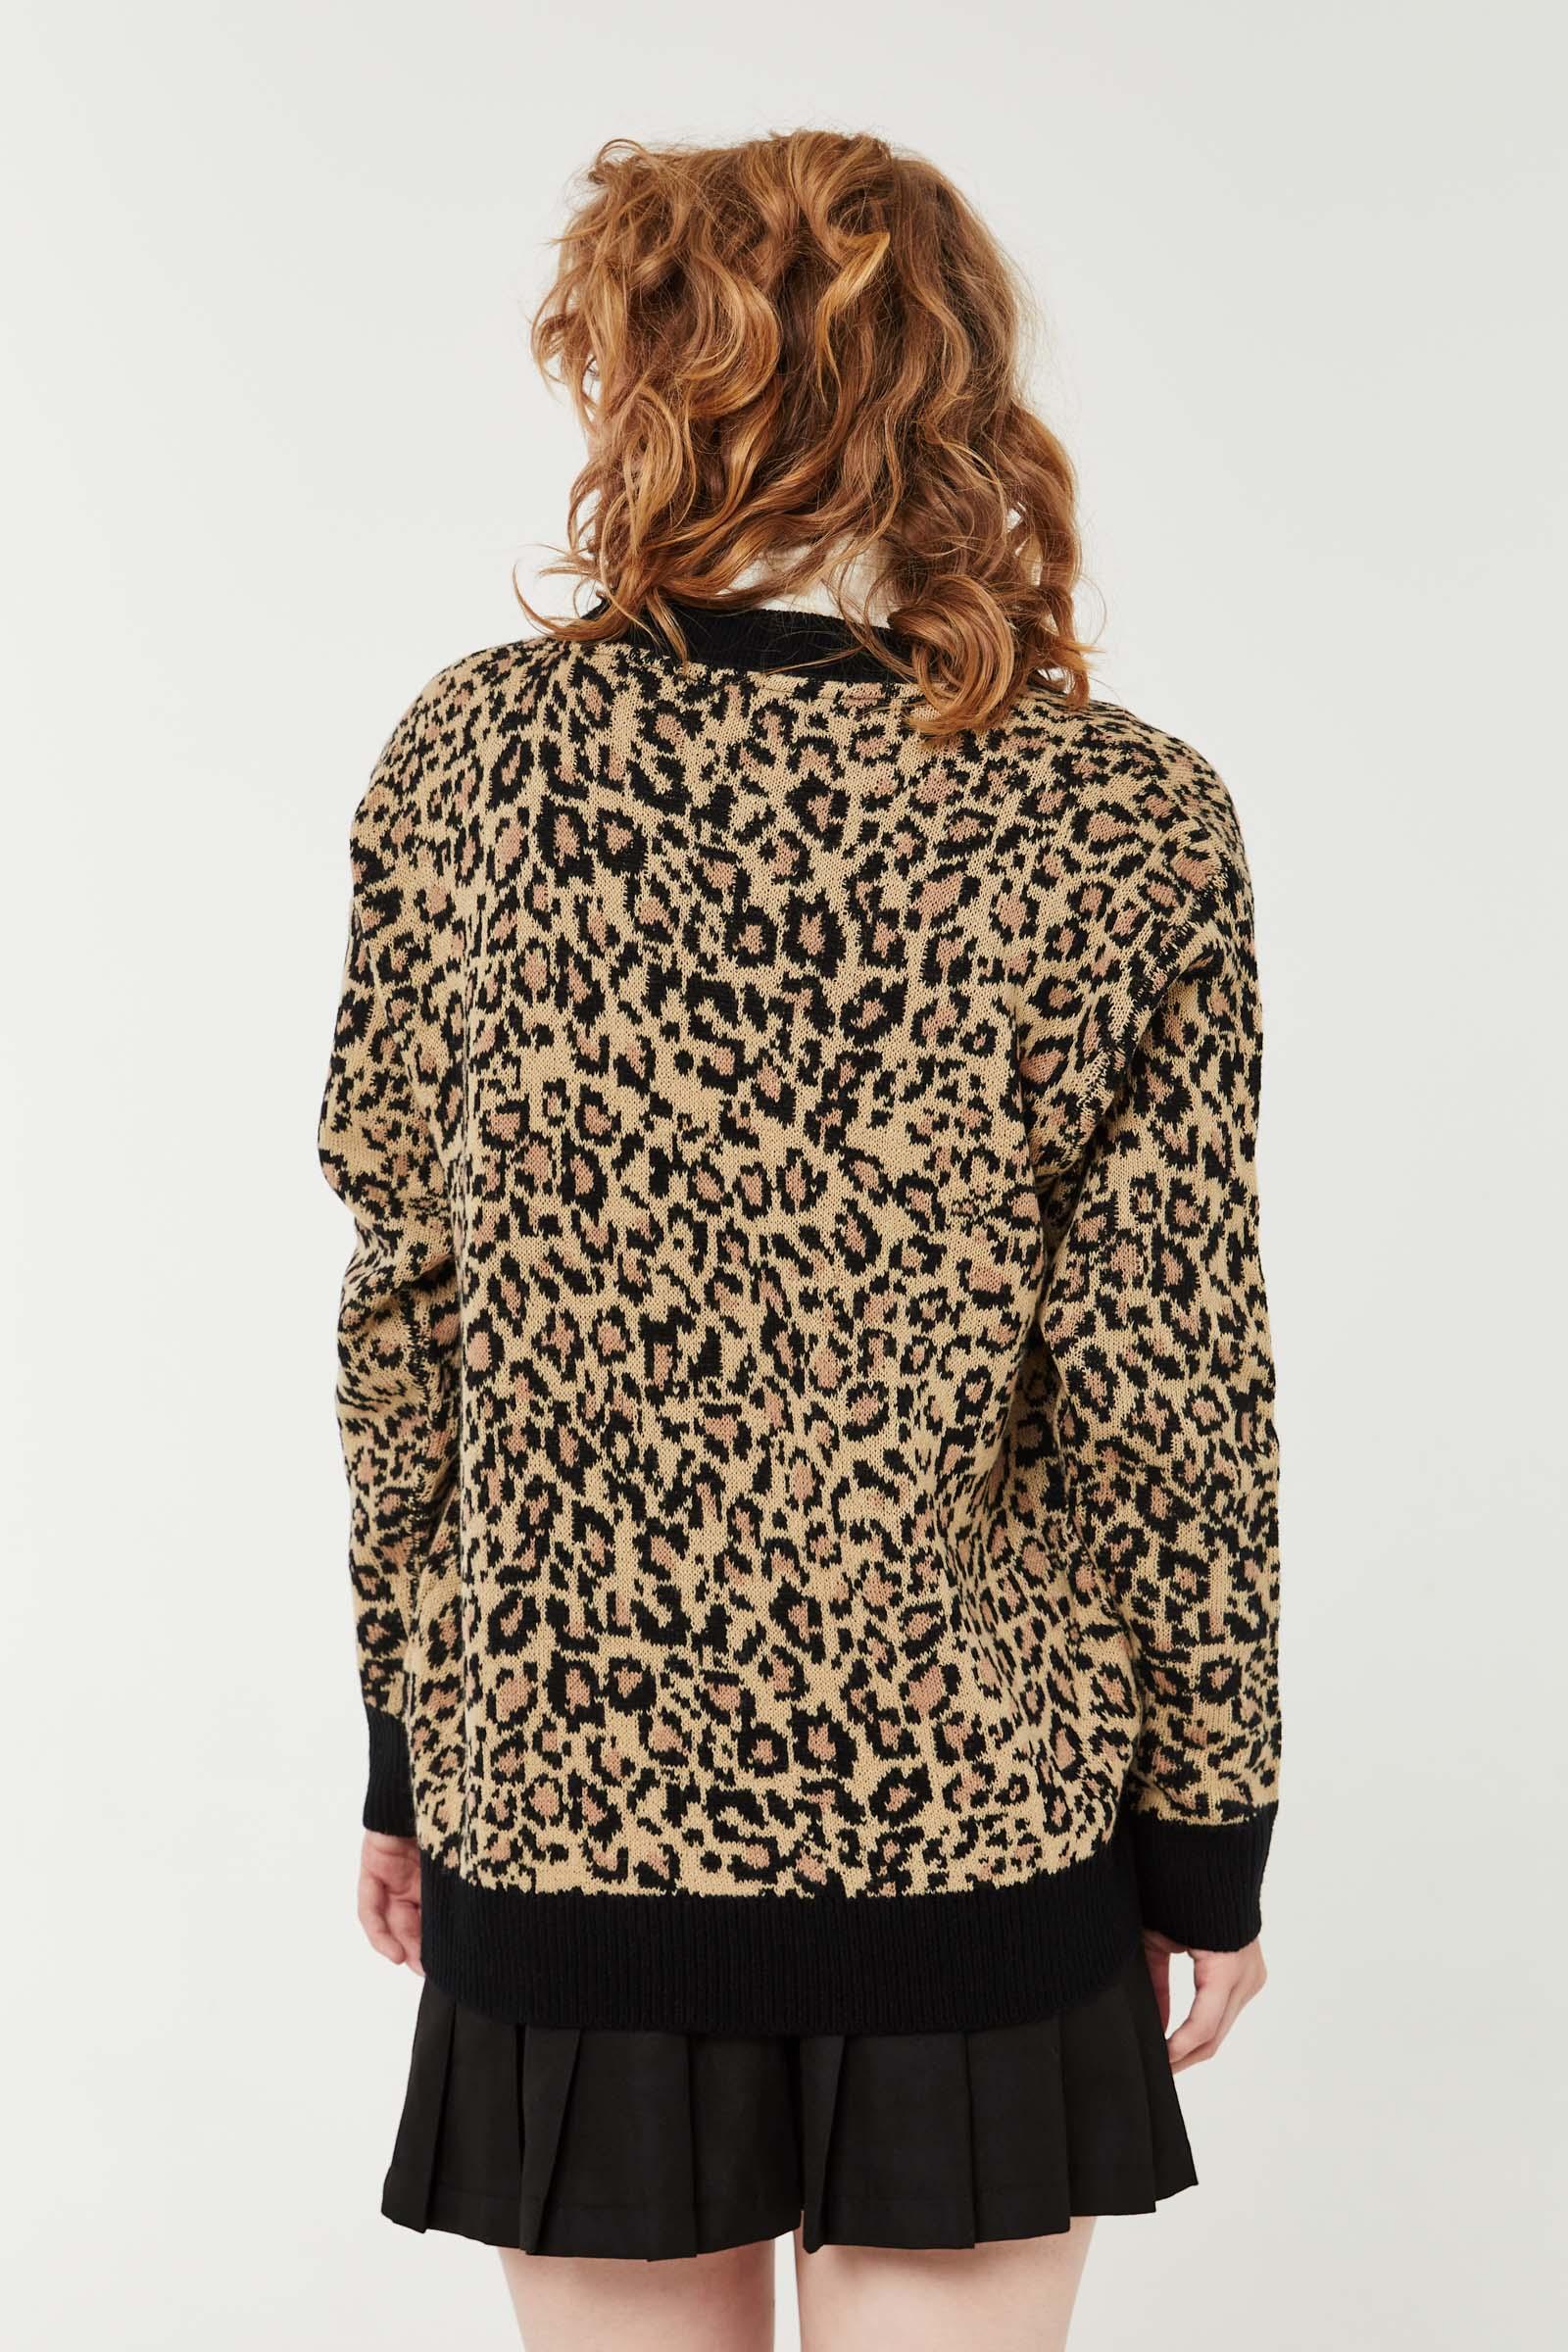 Leopard V-Neck Cardigan